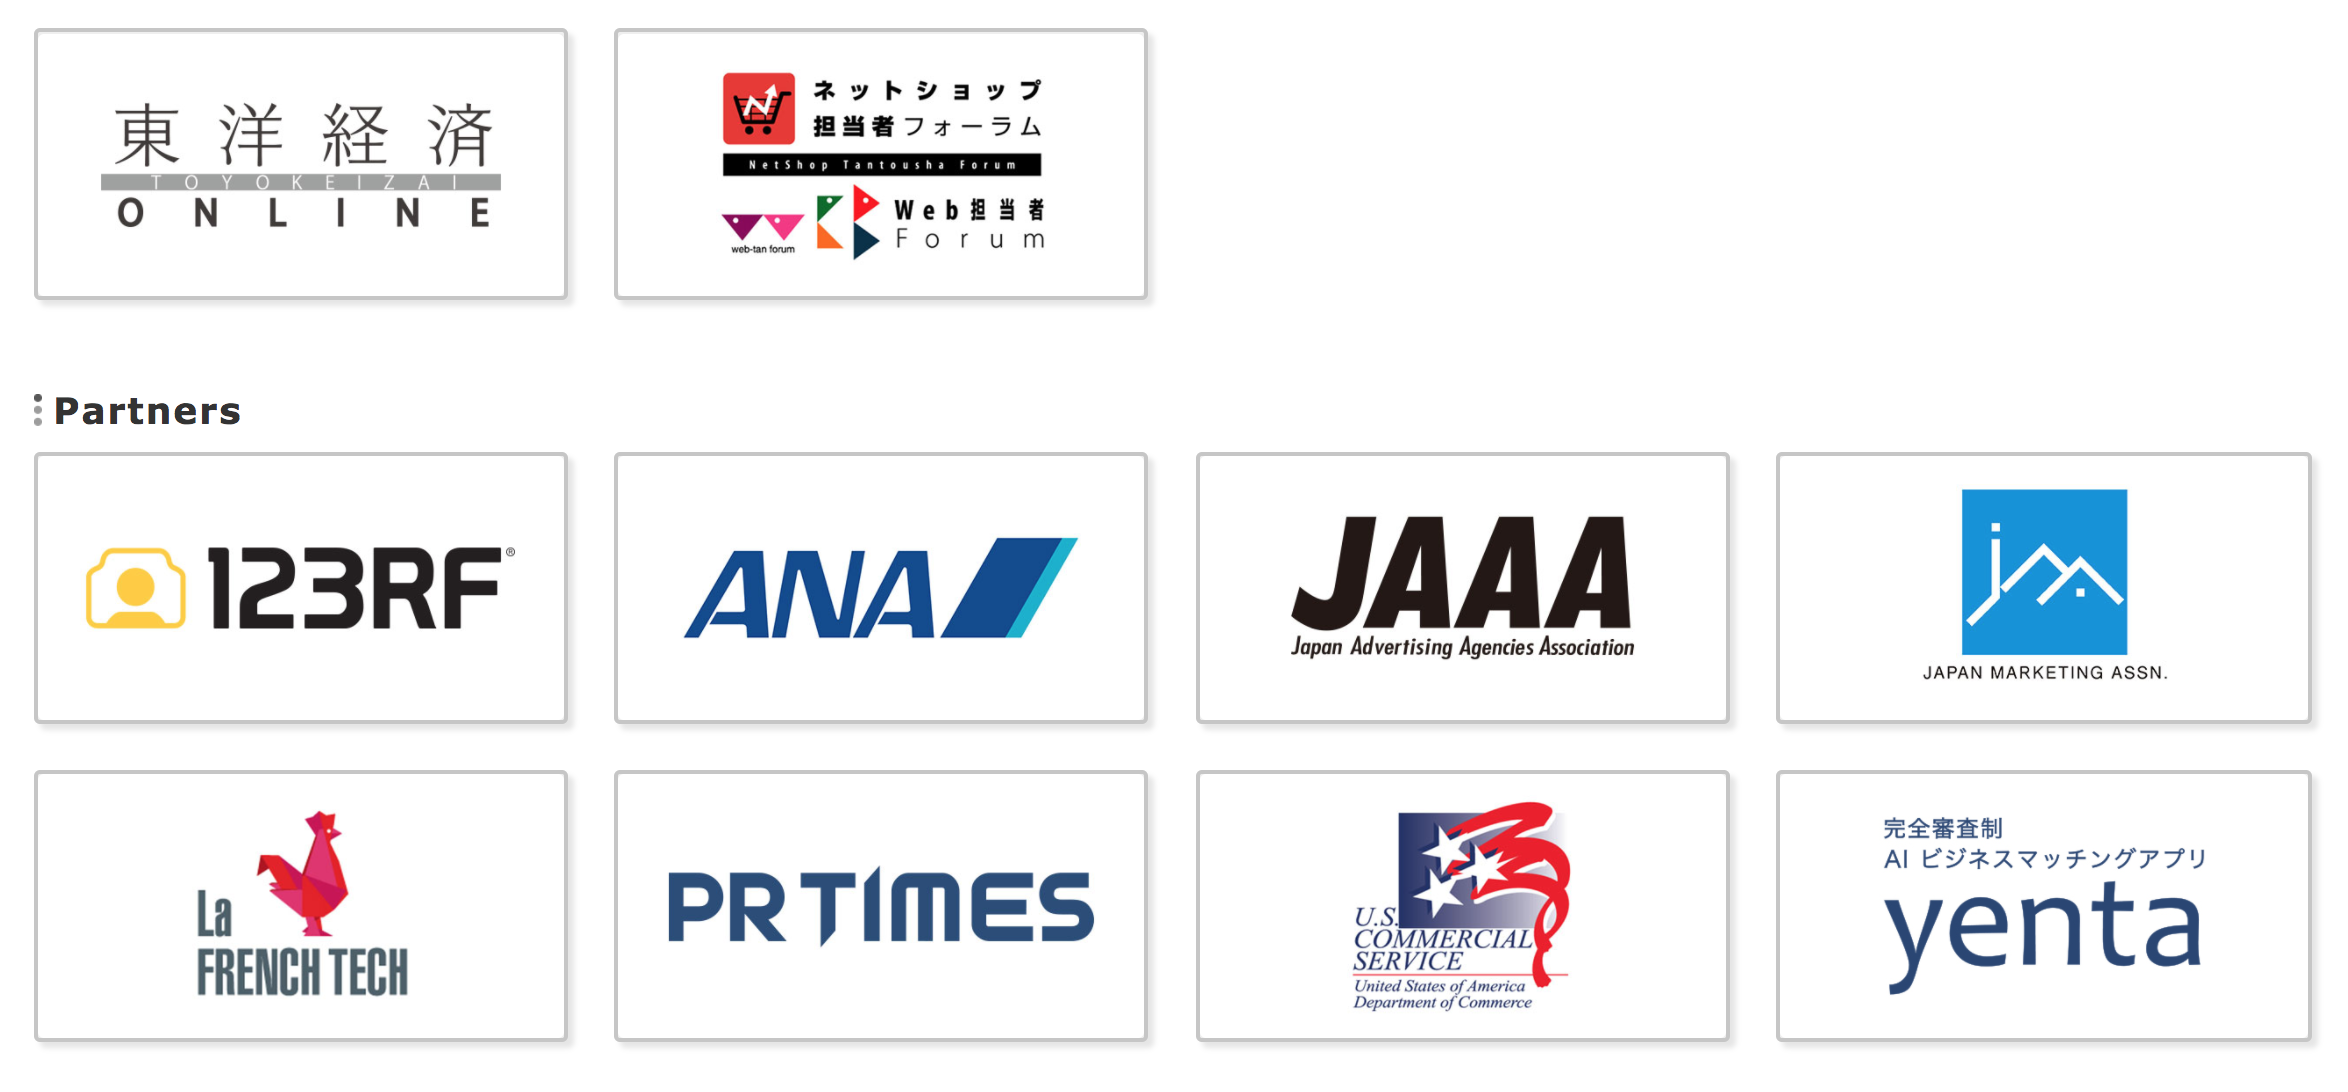 ad:tech tokyoの公式ページ内にyentaのロゴが掲載されています